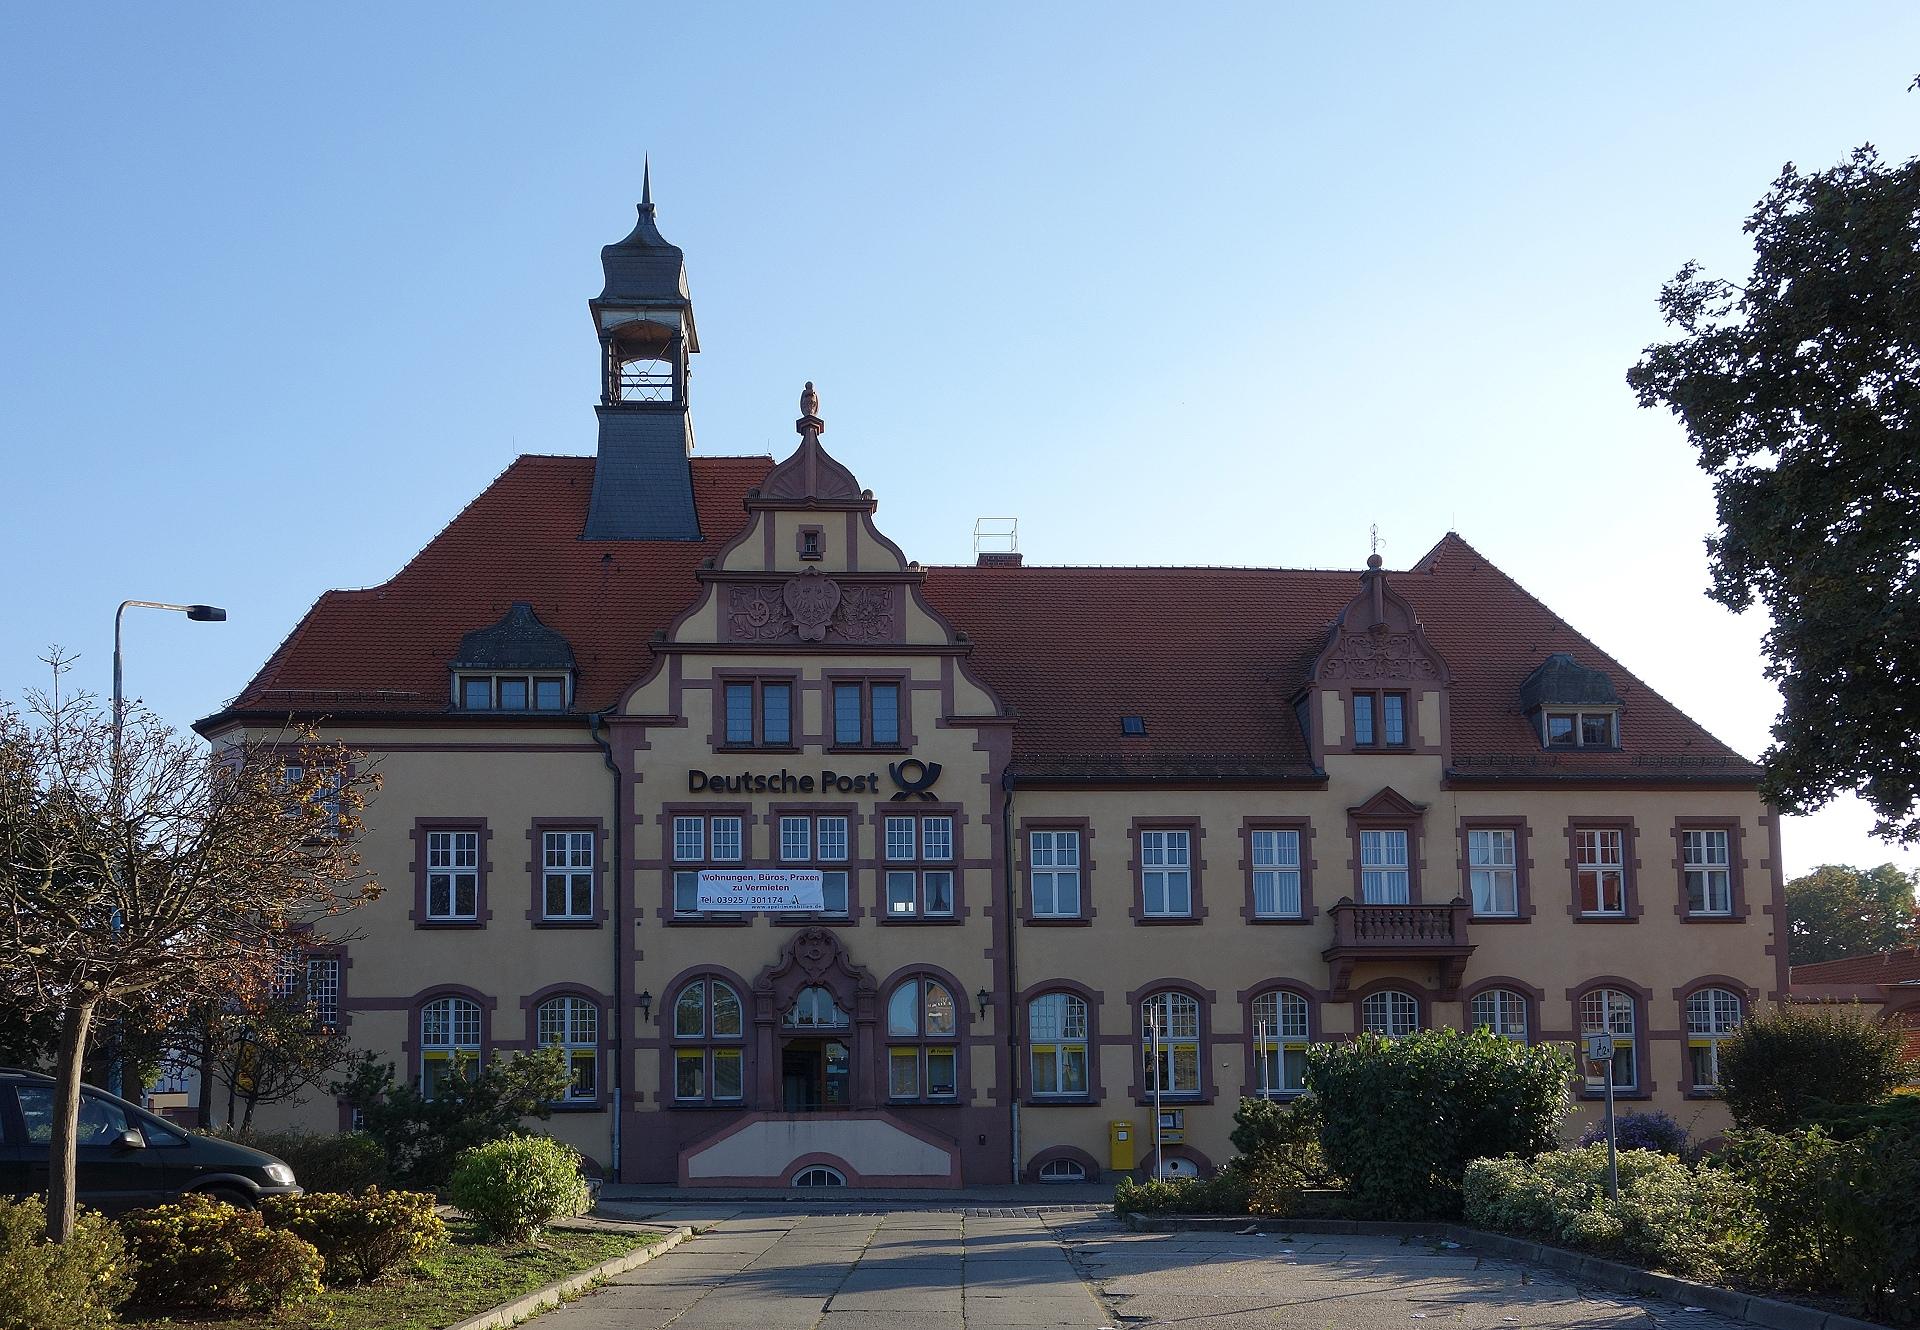 Wema Staßfurt